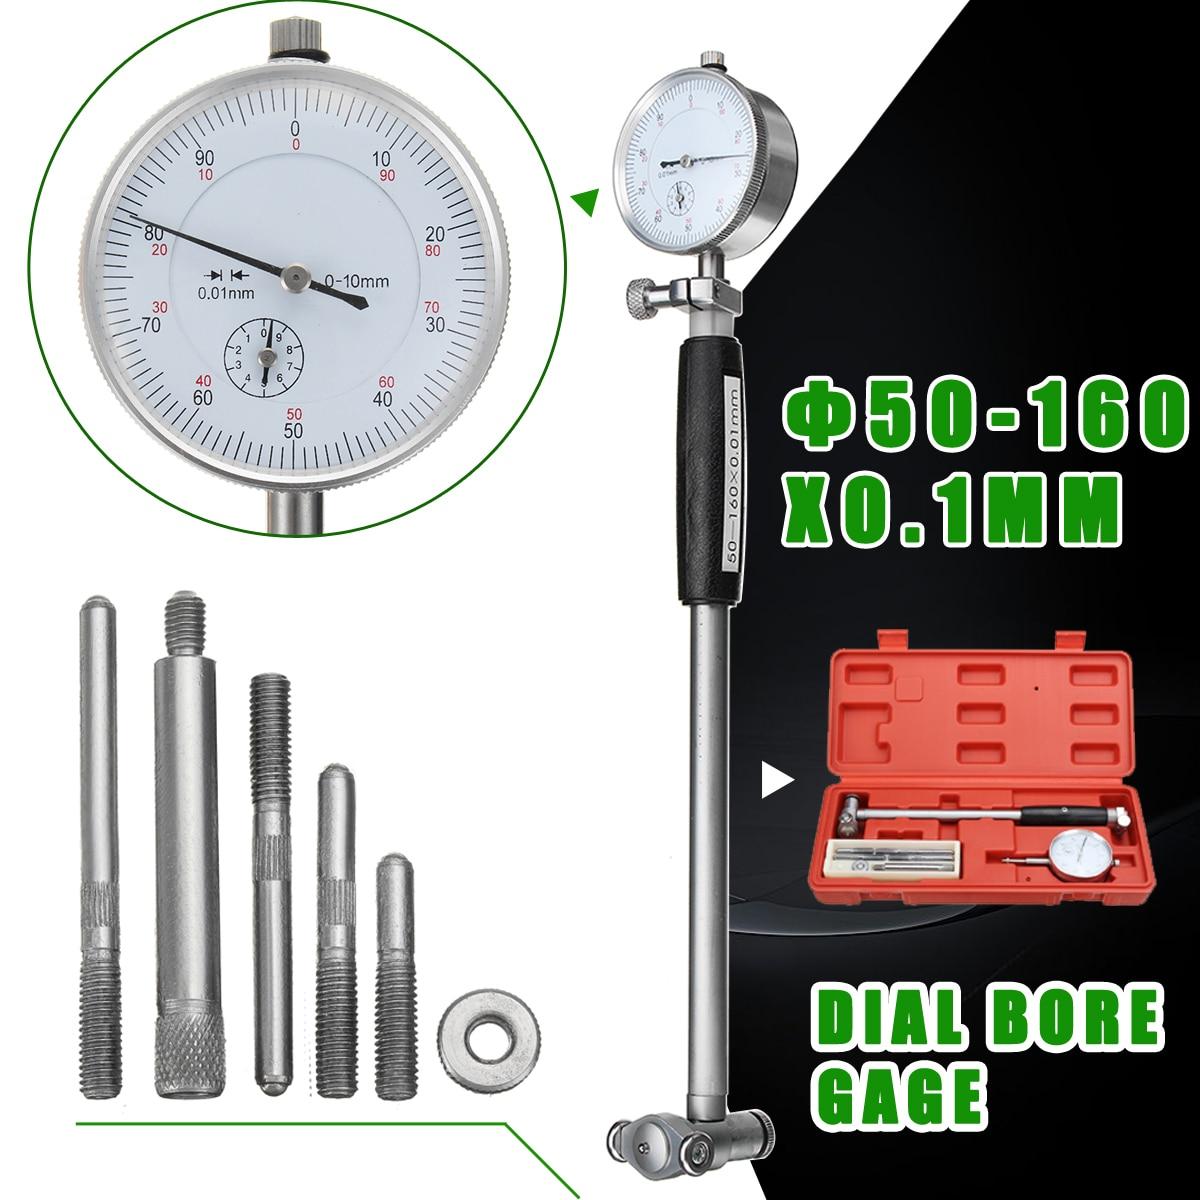 50-160mm/0.01mm Metric Dial Bore Gage Calibre Cilindro Interno Pequeno Dentro da Sonda de Medição De Marcação de Teste ferramentas De Medição indicador